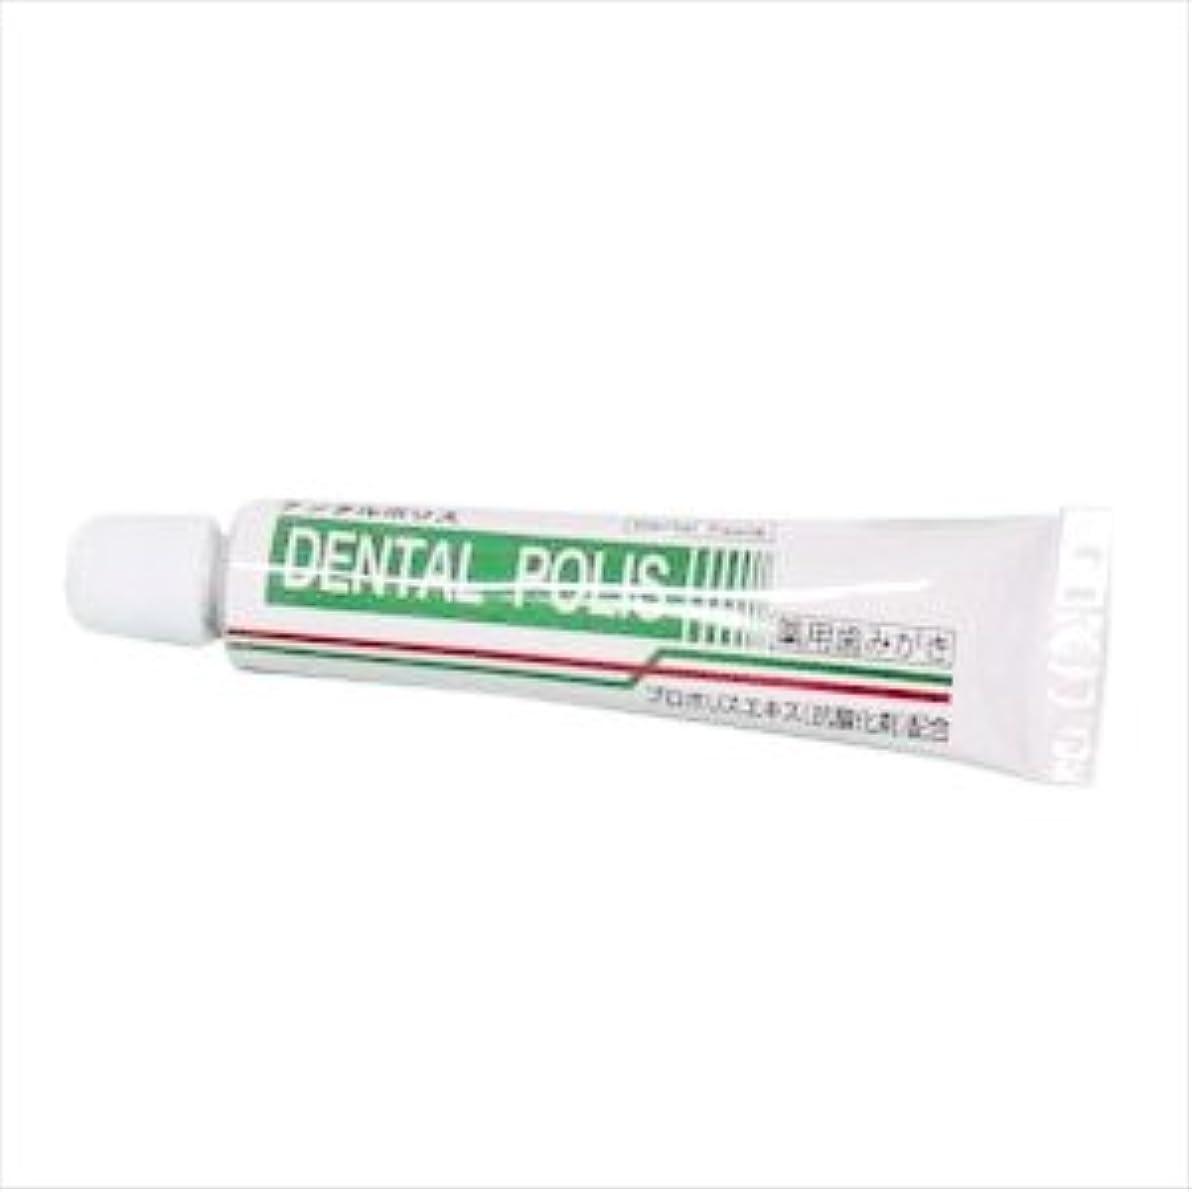 共感するなぜならプラスチック医薬部外品 デンタルポリスDX(8g) お試し用